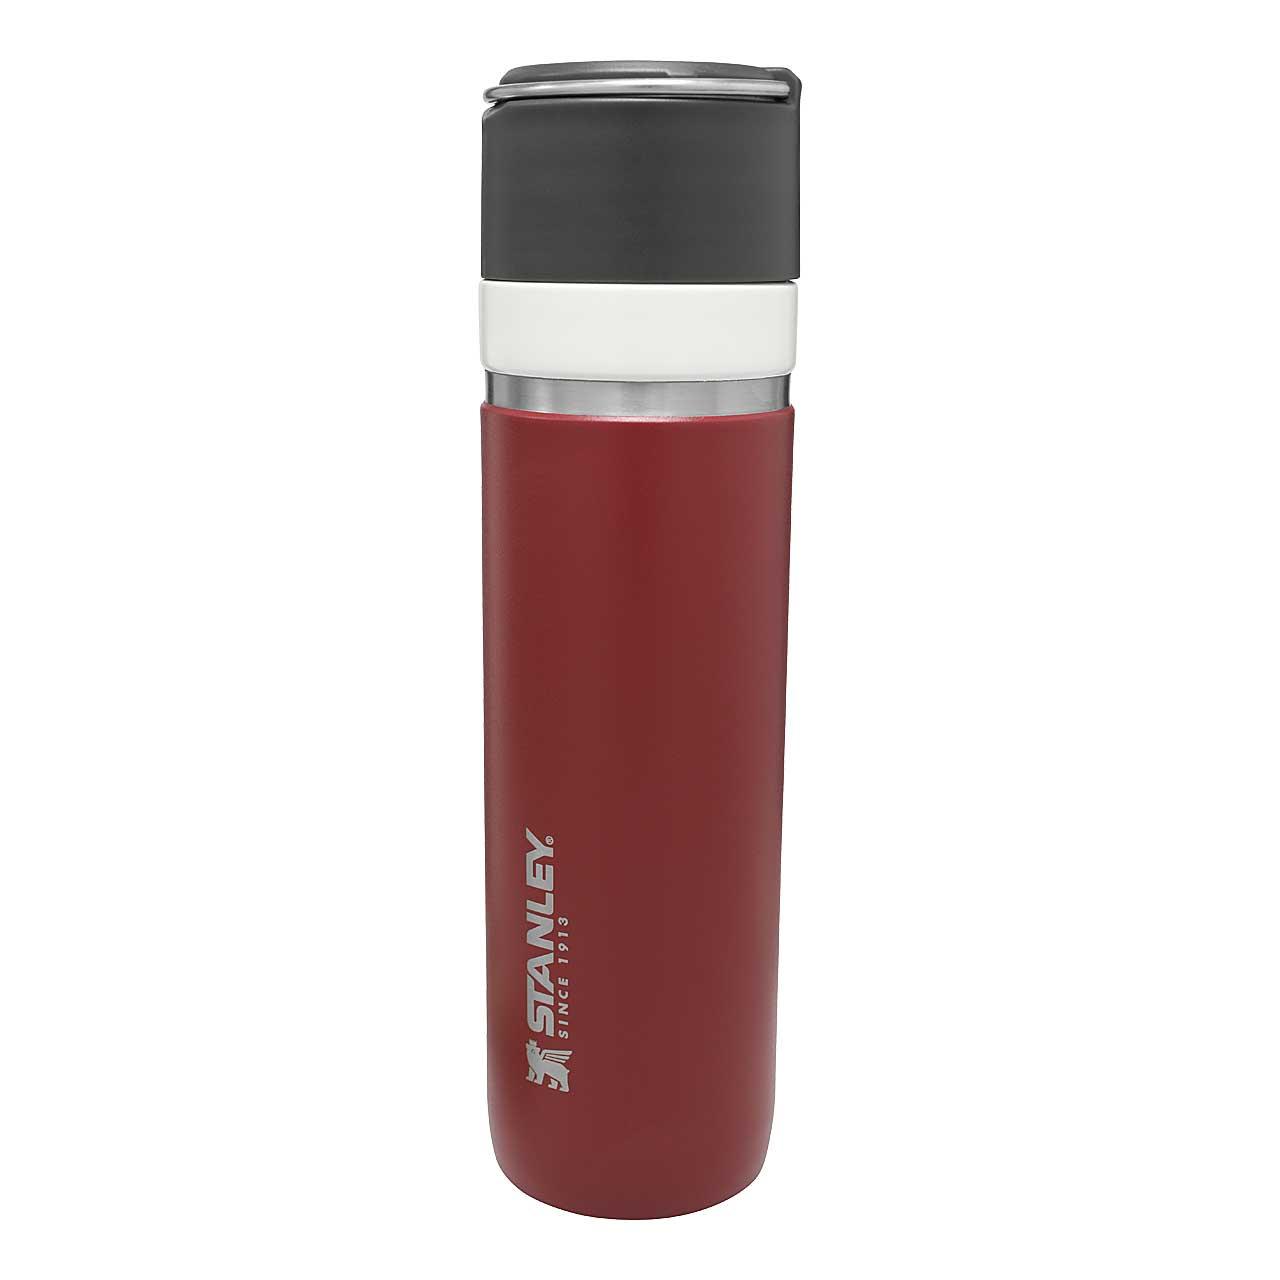 Go Series Vacuum Bottle Ceramivac 700 ml - Cranberry